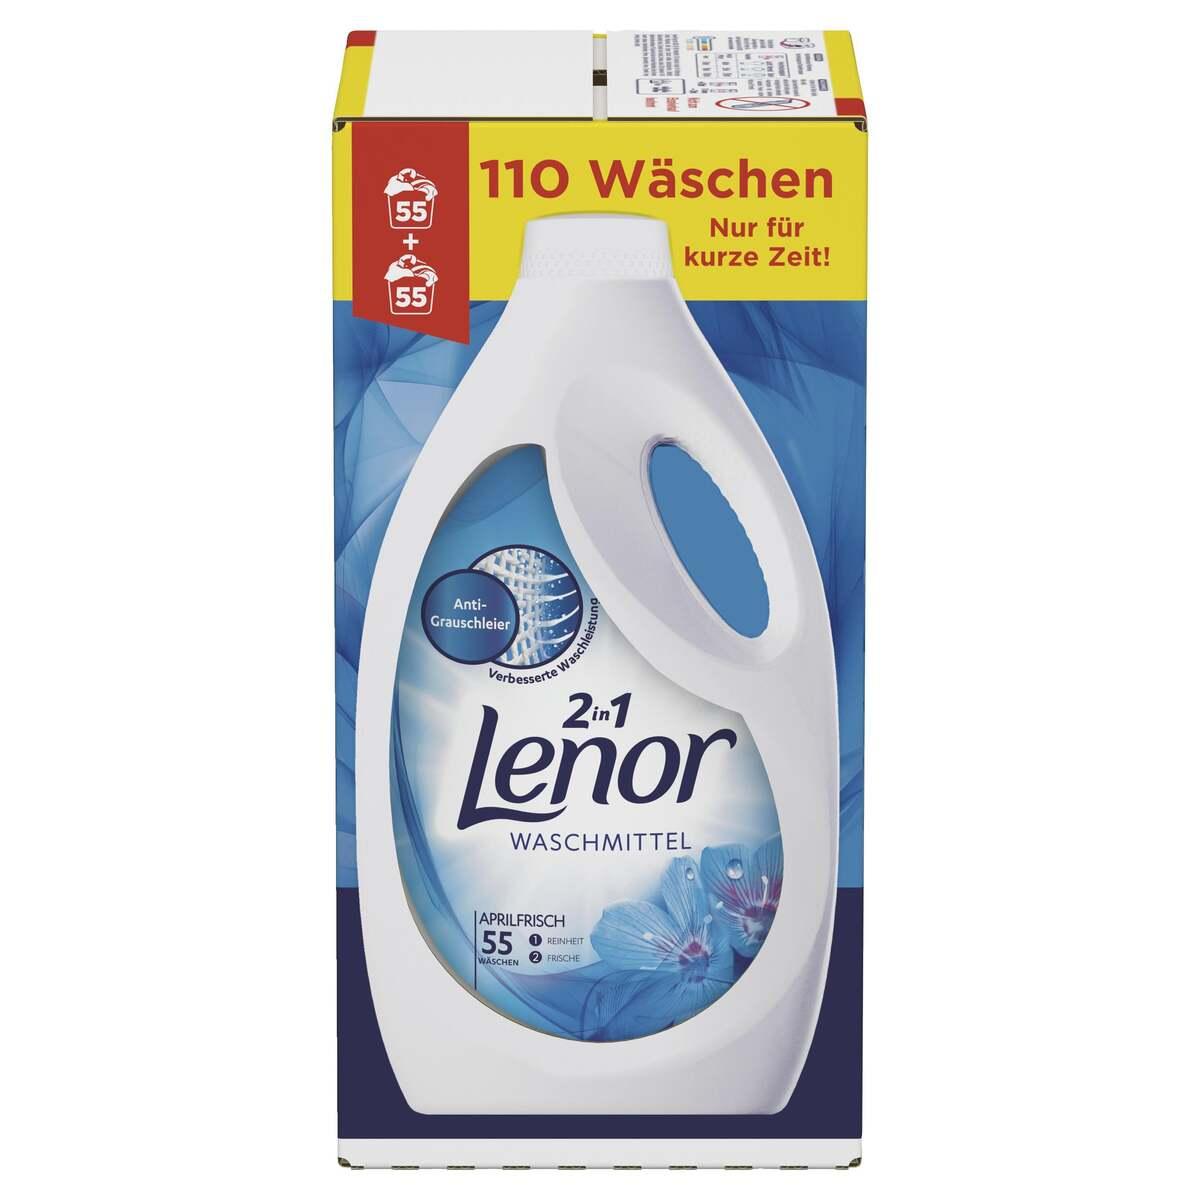 Bild 2 von Lenor Waschmittel Flüssig Aprilfrisch, 110WL